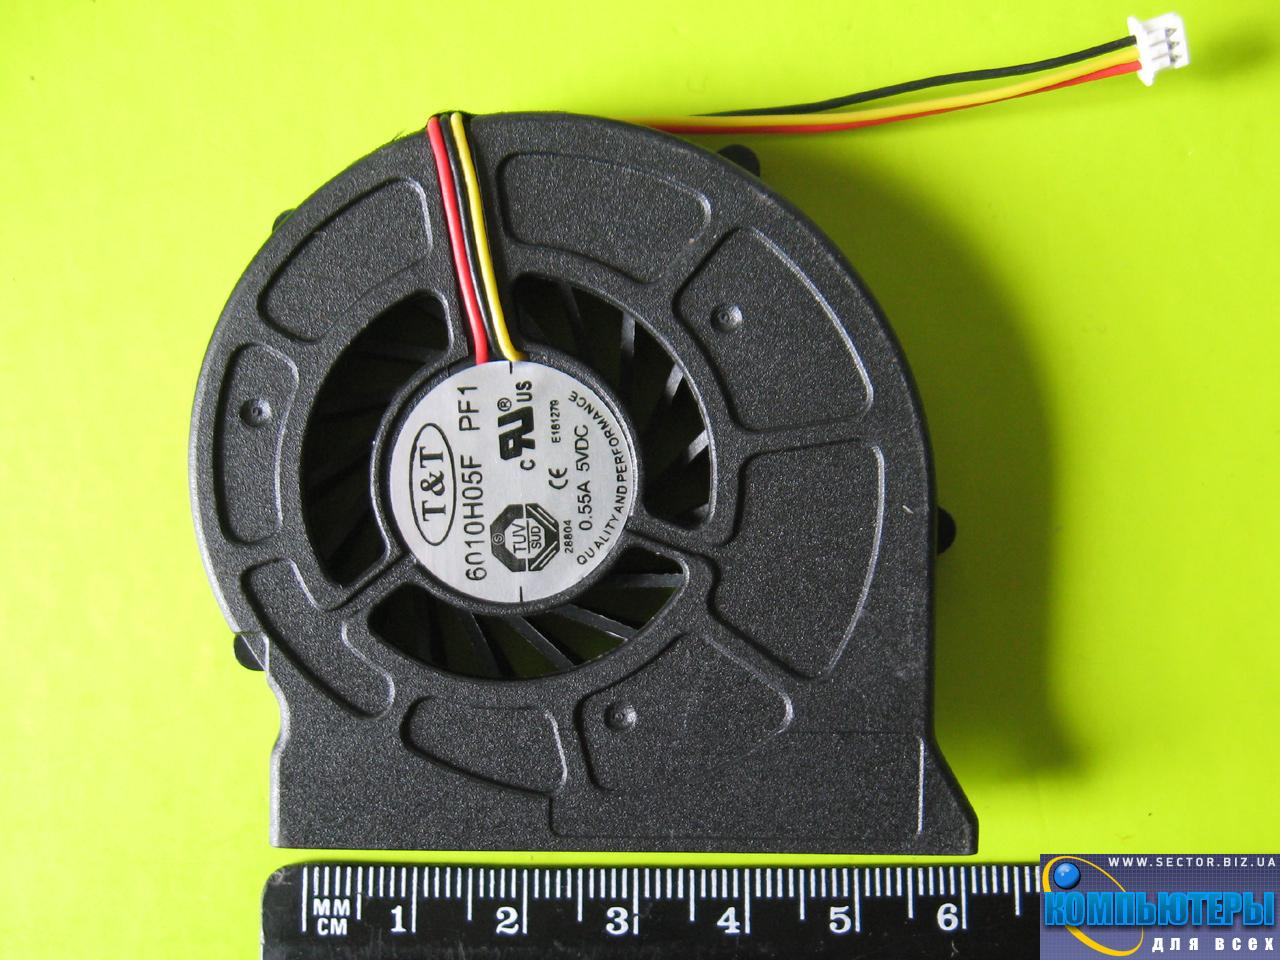 Кулер к ноутбуку MSI CR400 EX460 EX460X EX600 PR400 PR600 MS-1435 MX-1436 MS-1452 MS-163C p/n: 6010H05F PF1. Фото № 4.